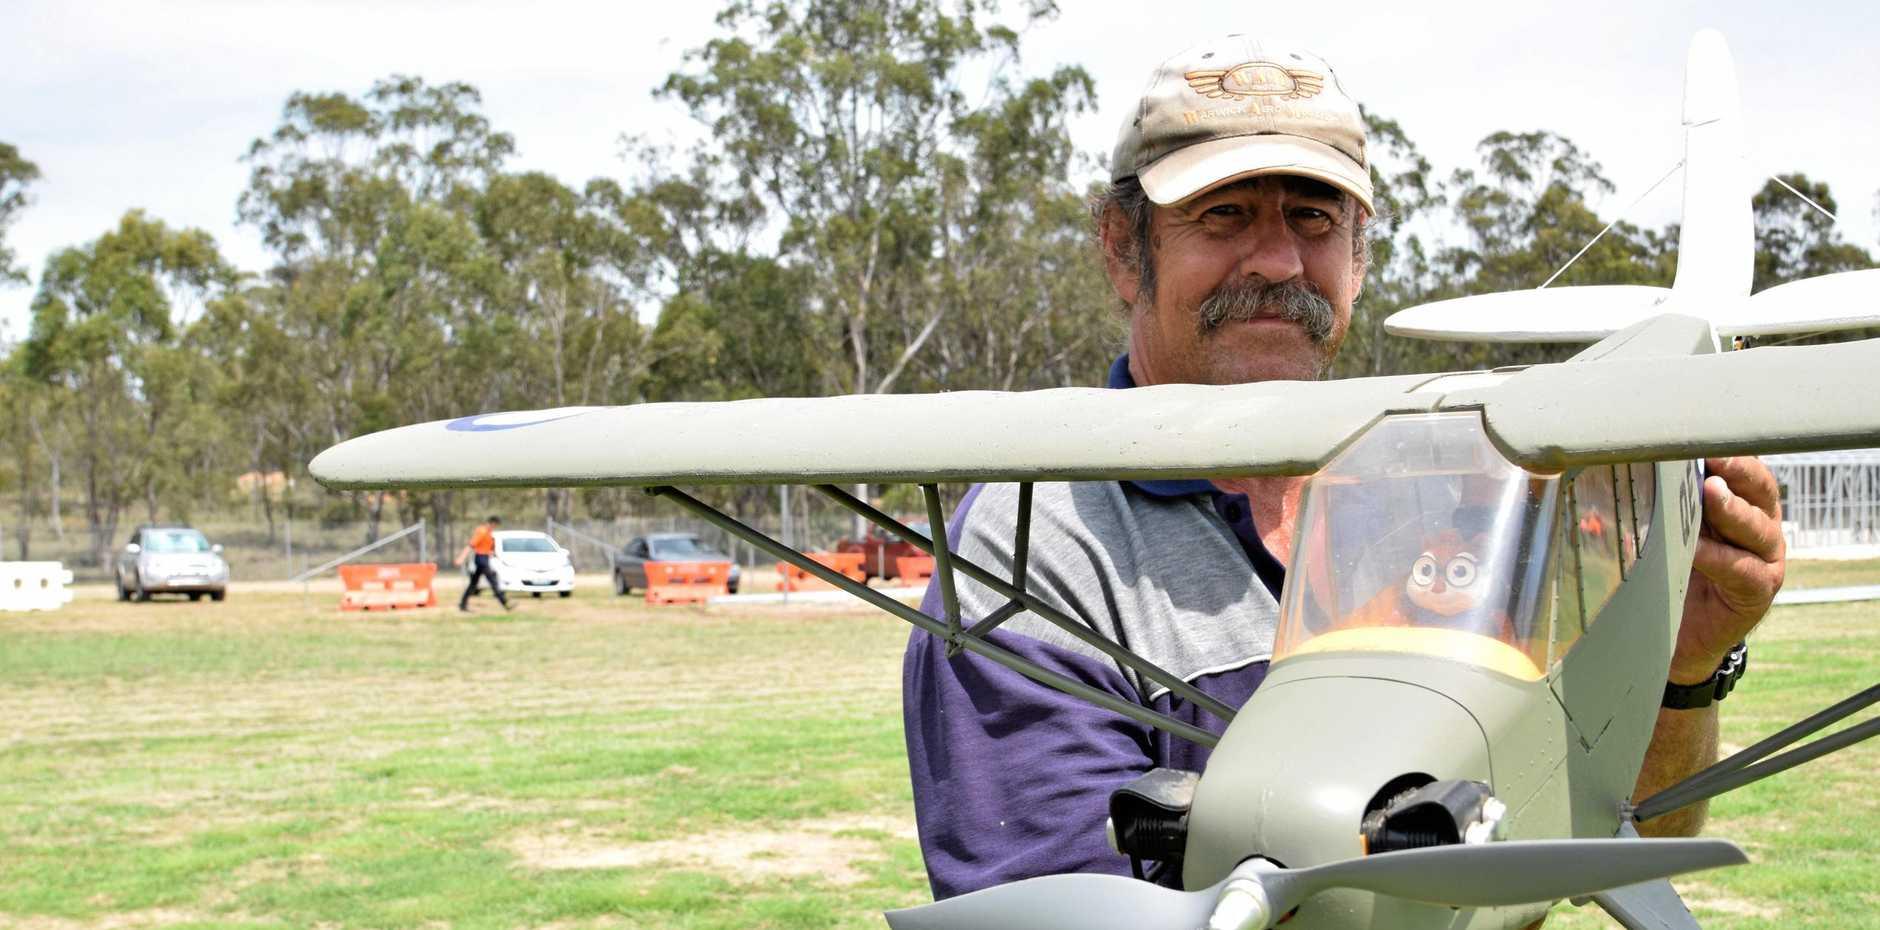 Warbirds create Armistice Day buzz with airborne display | Warwick